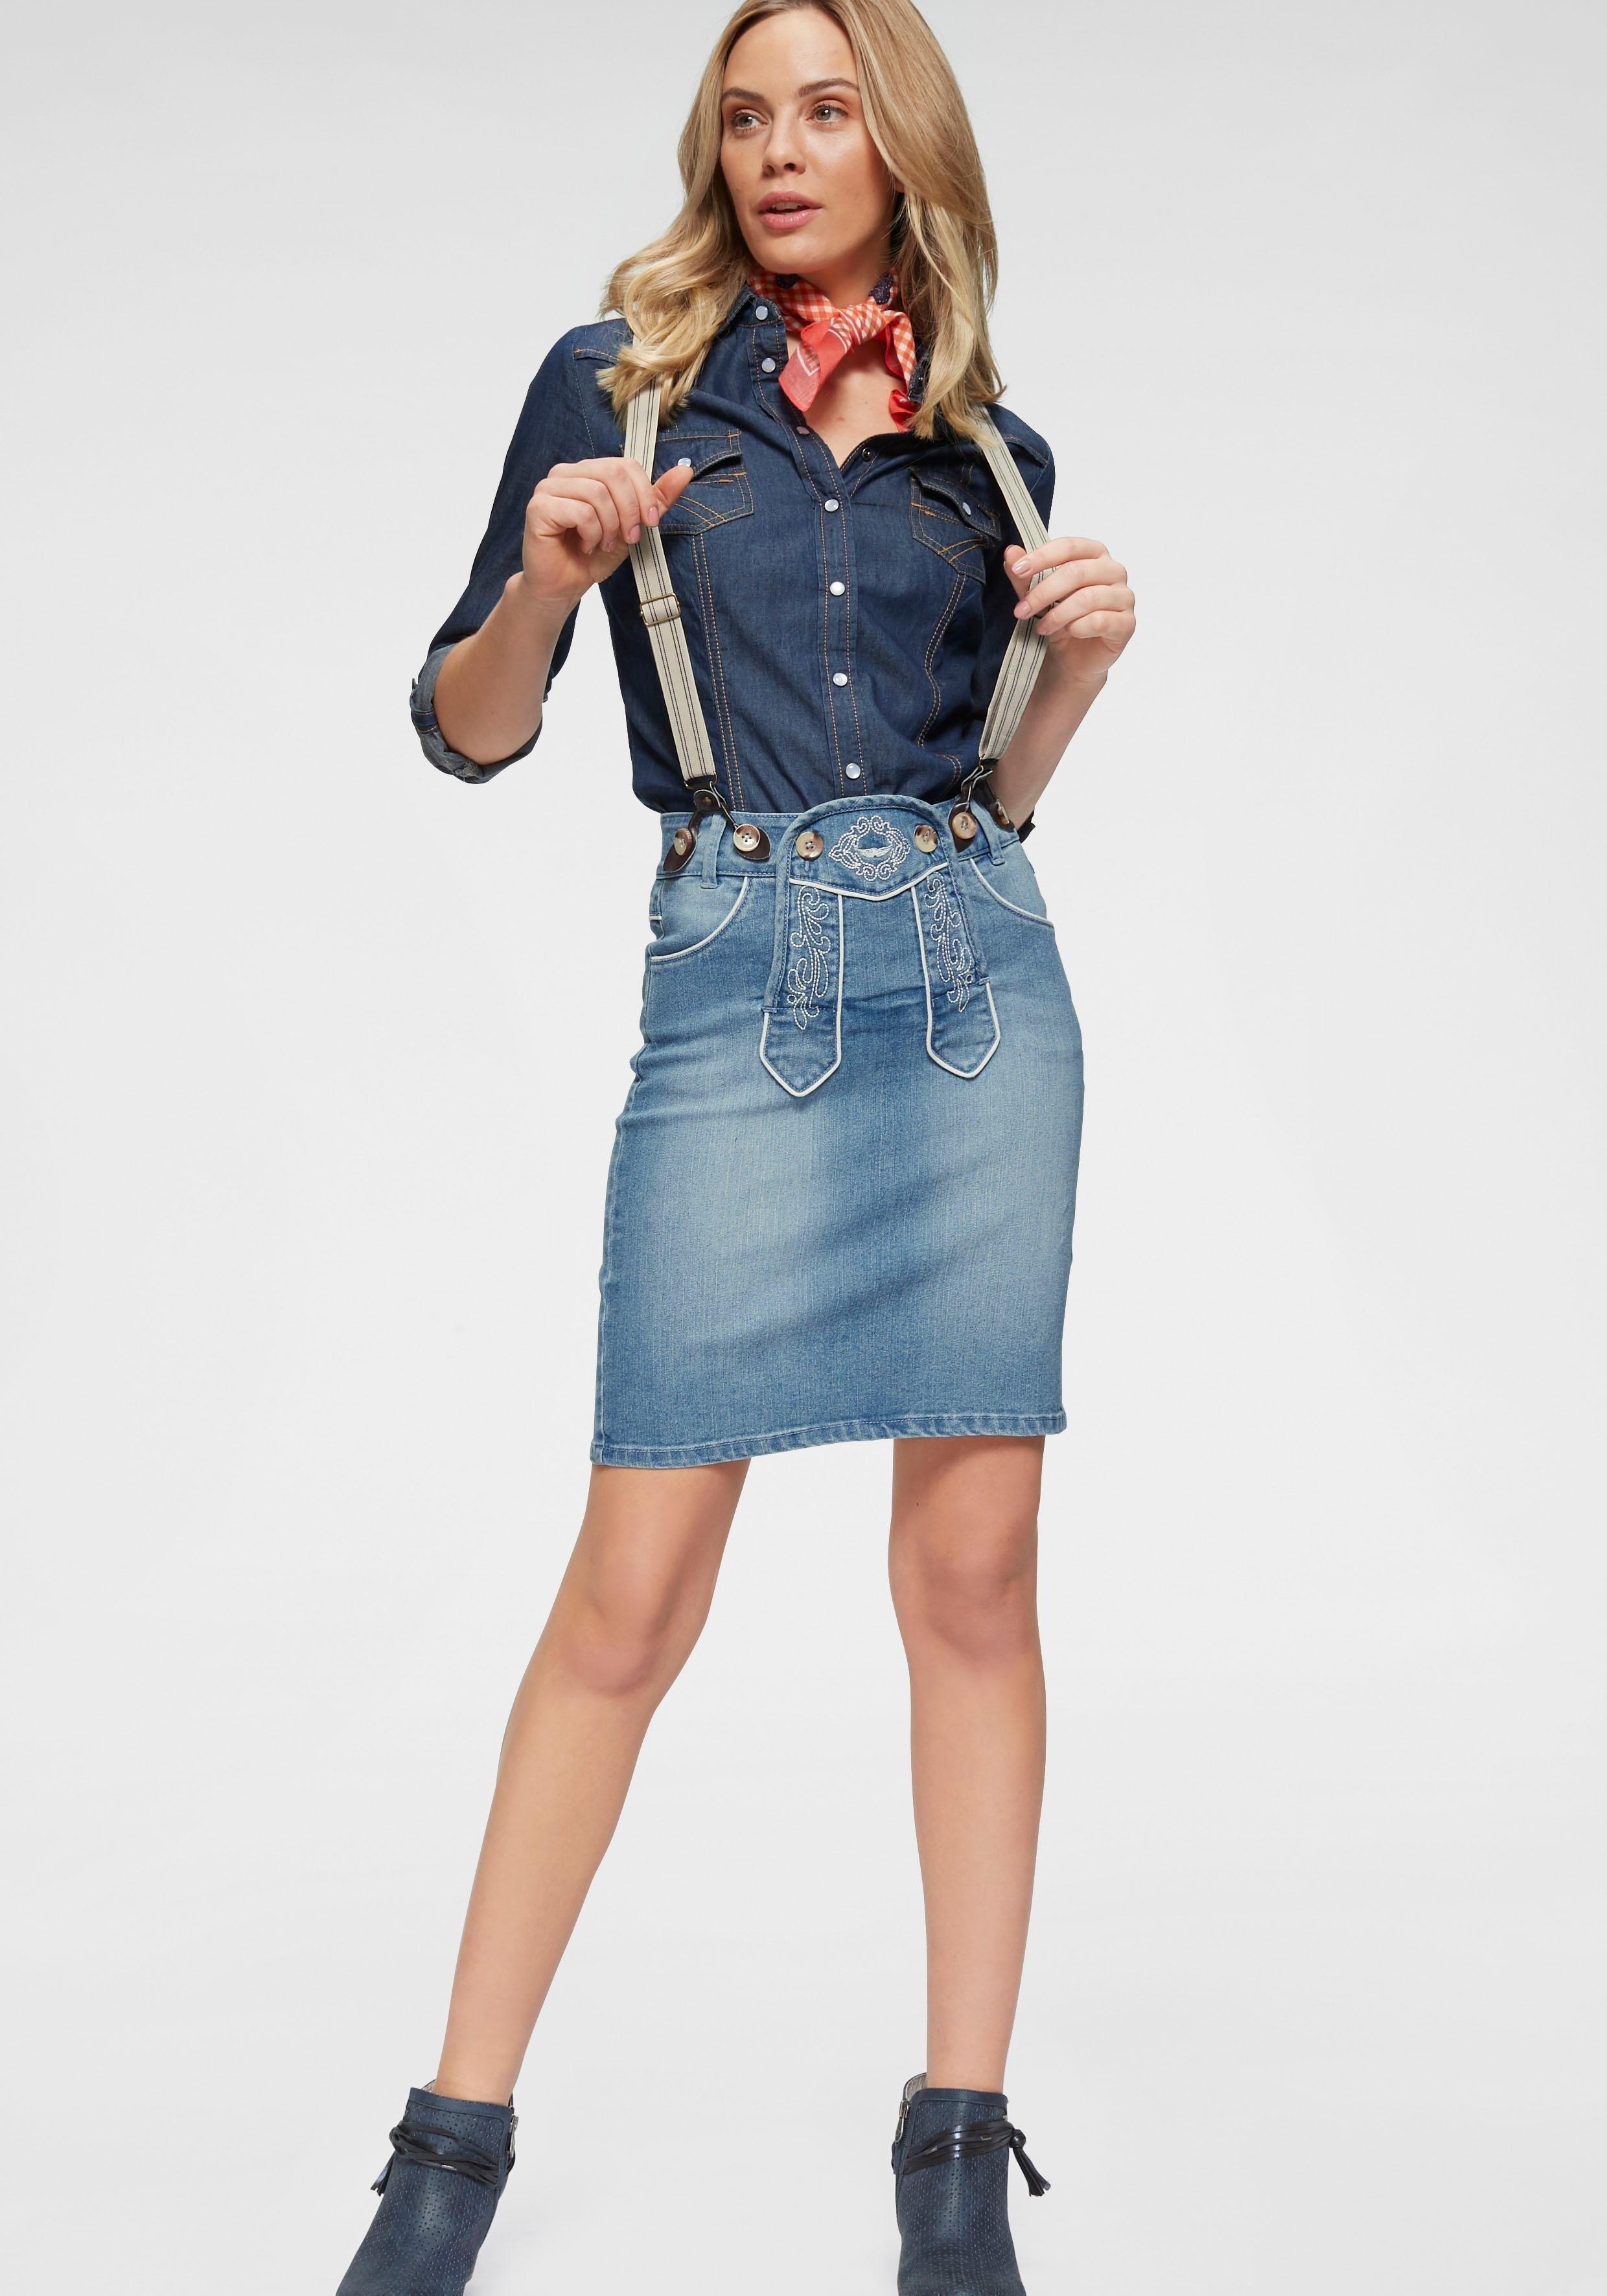 ARIZONA jeansrok »Bavaria« bij OTTO online kopen